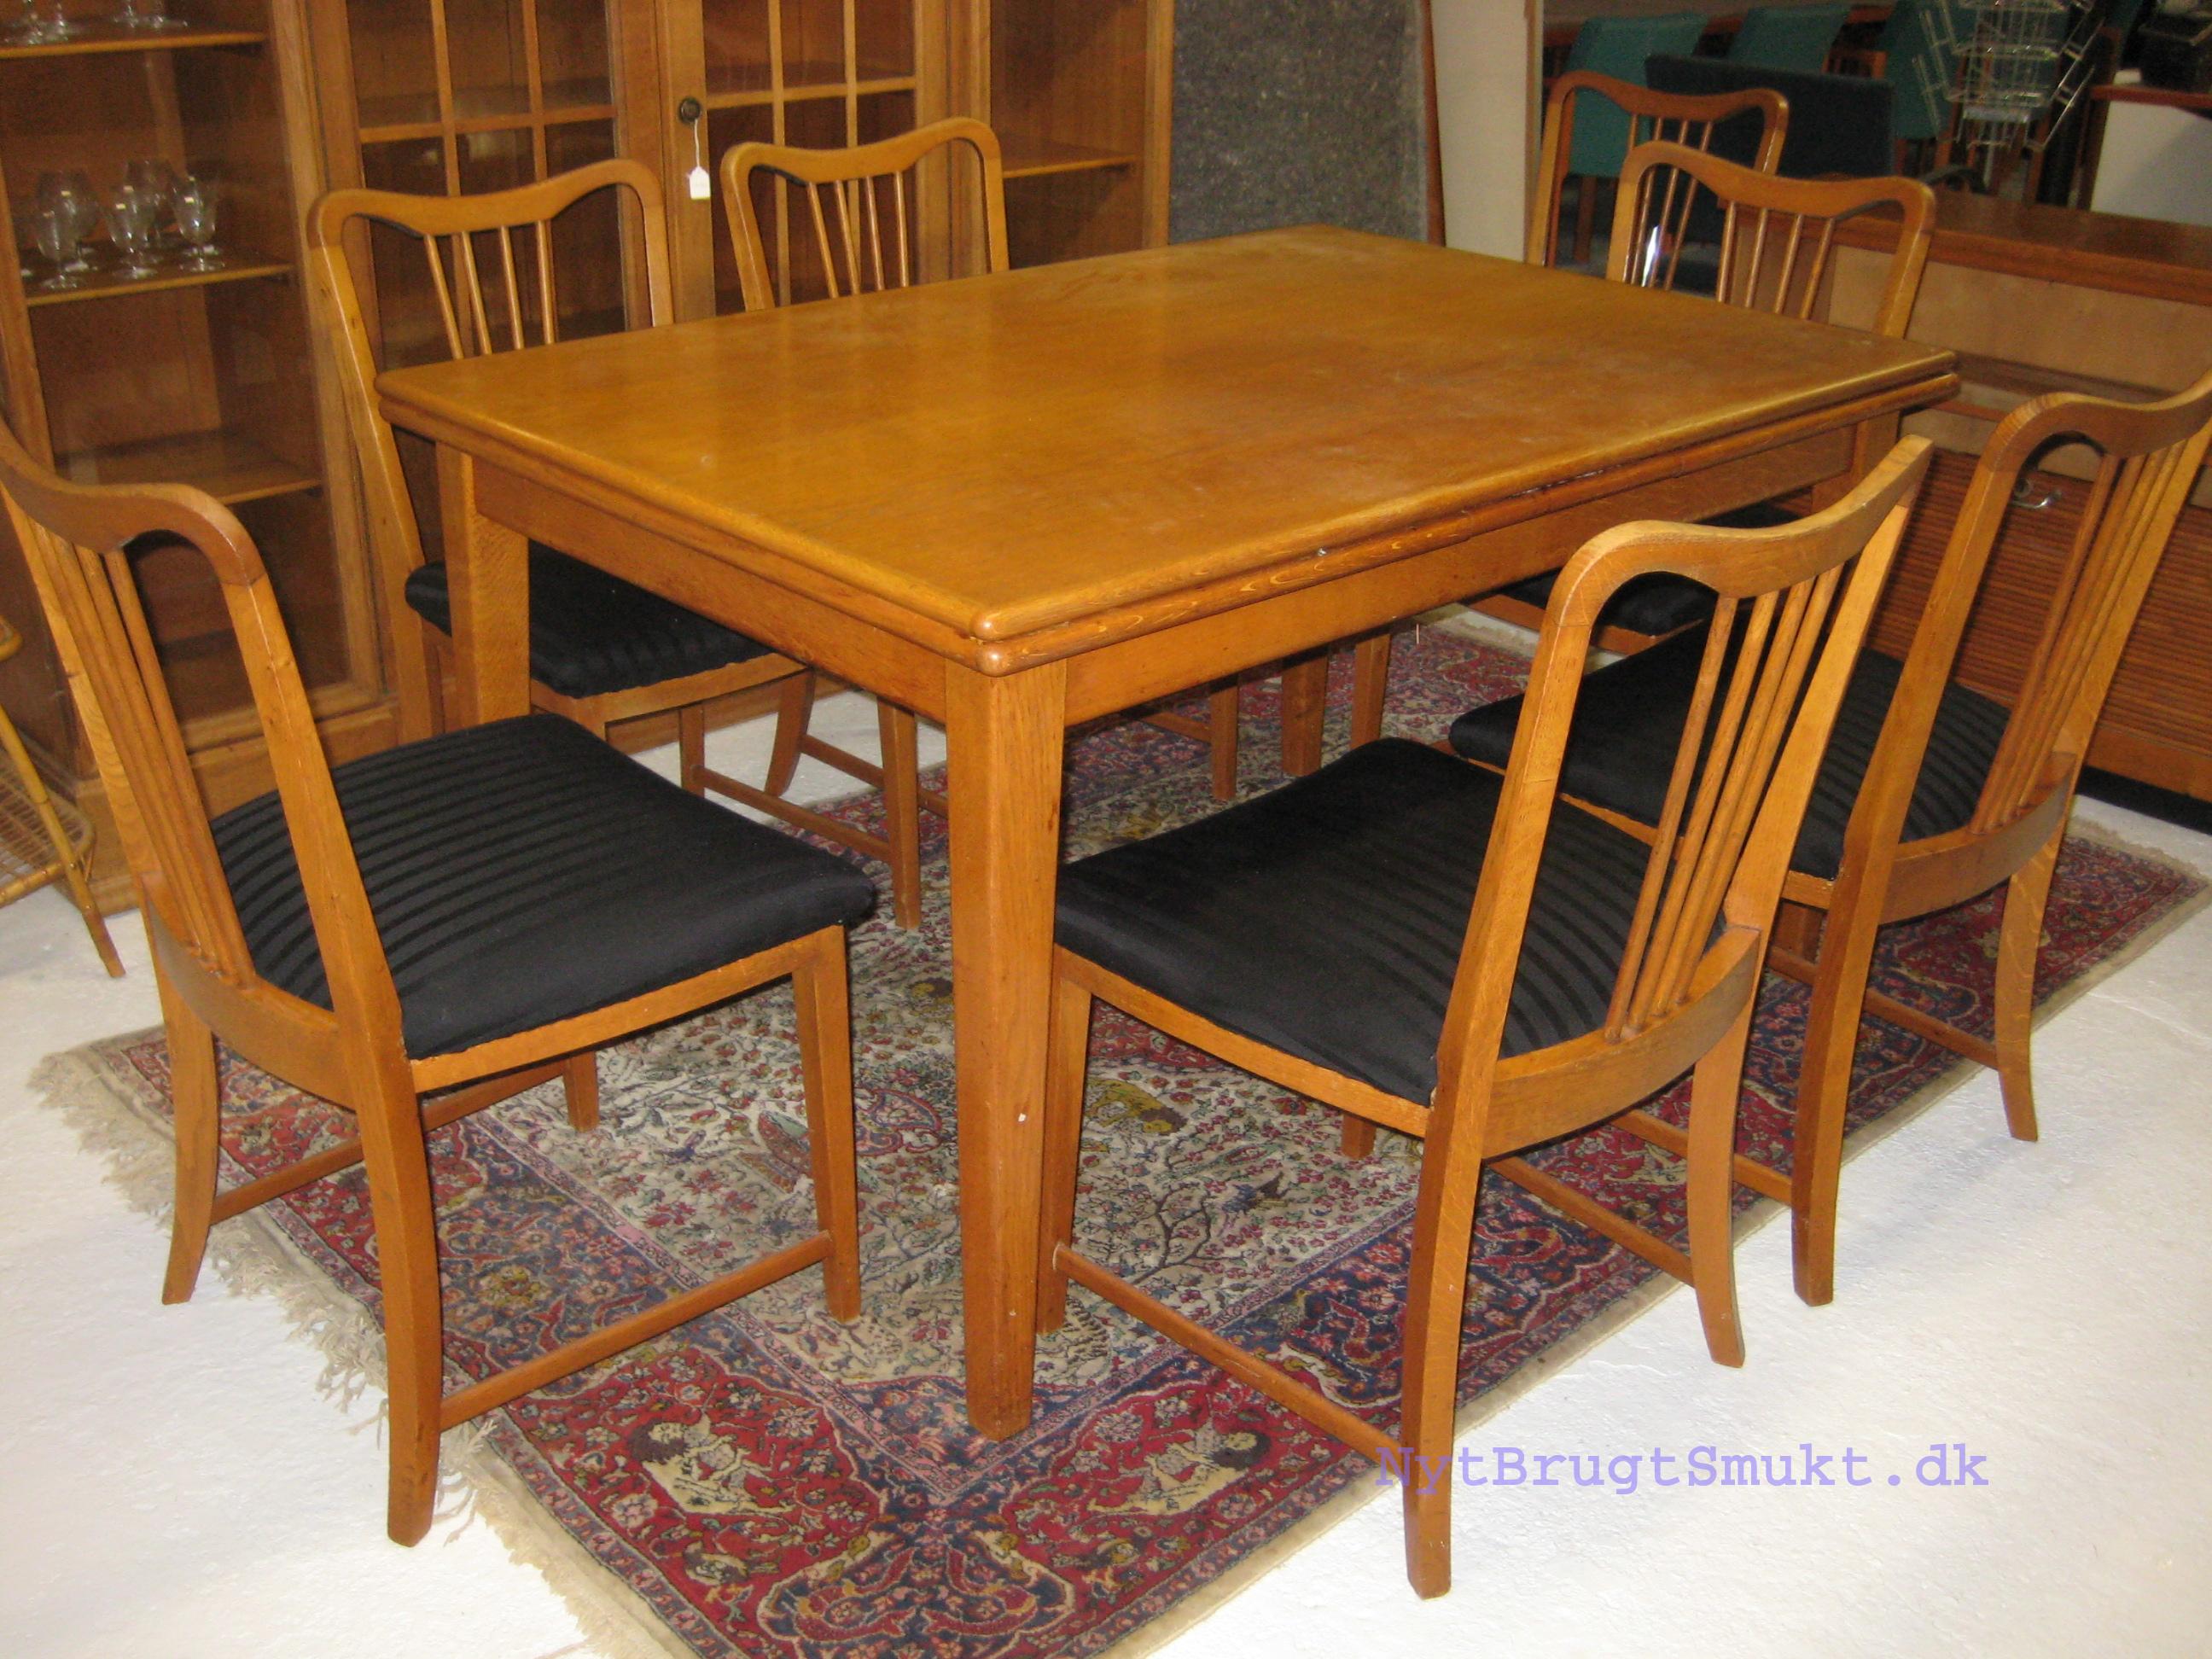 Spisebord i eg med 8 stole med sort betræk - Nyt-Brugt-Smukt